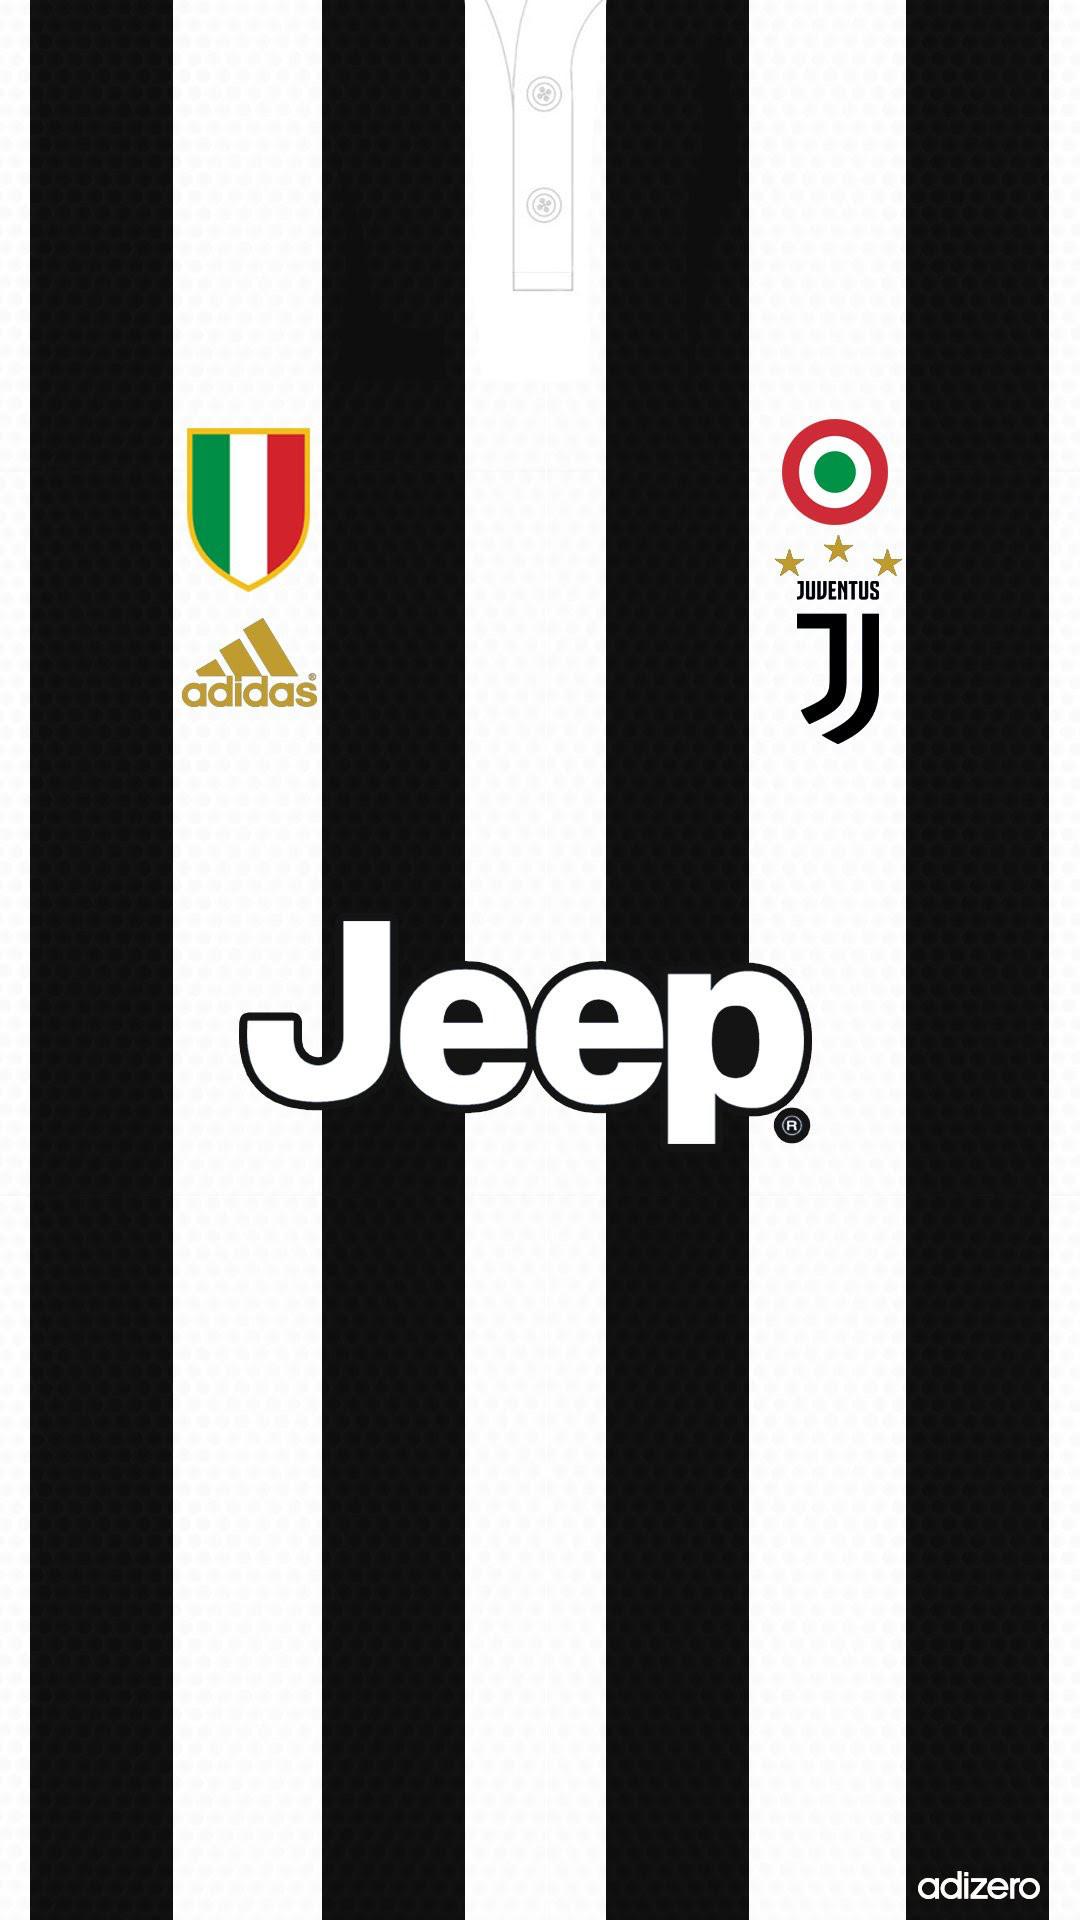 Juventus Wallpaper 2018 72+ images